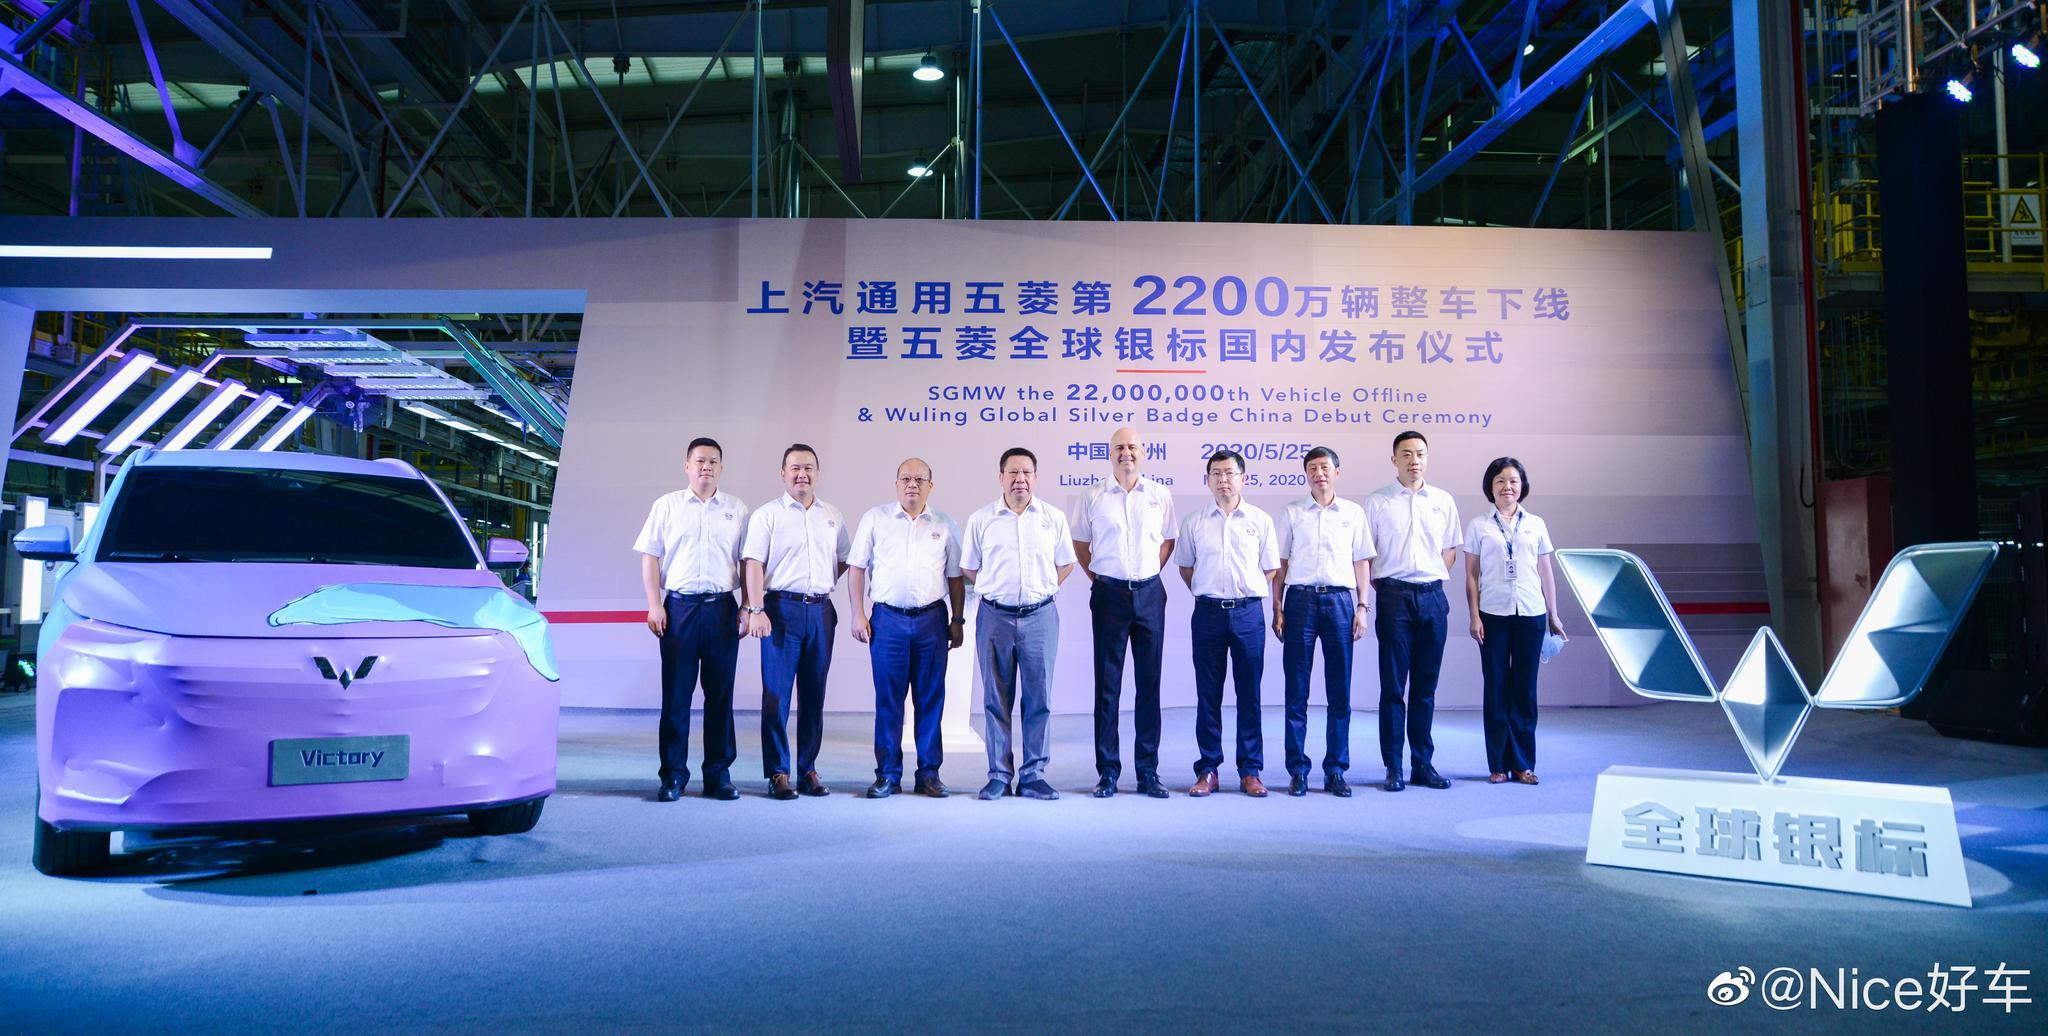 今天,上汽通用五菱宣布成为首家产量突破2200万辆的中国汽车企业